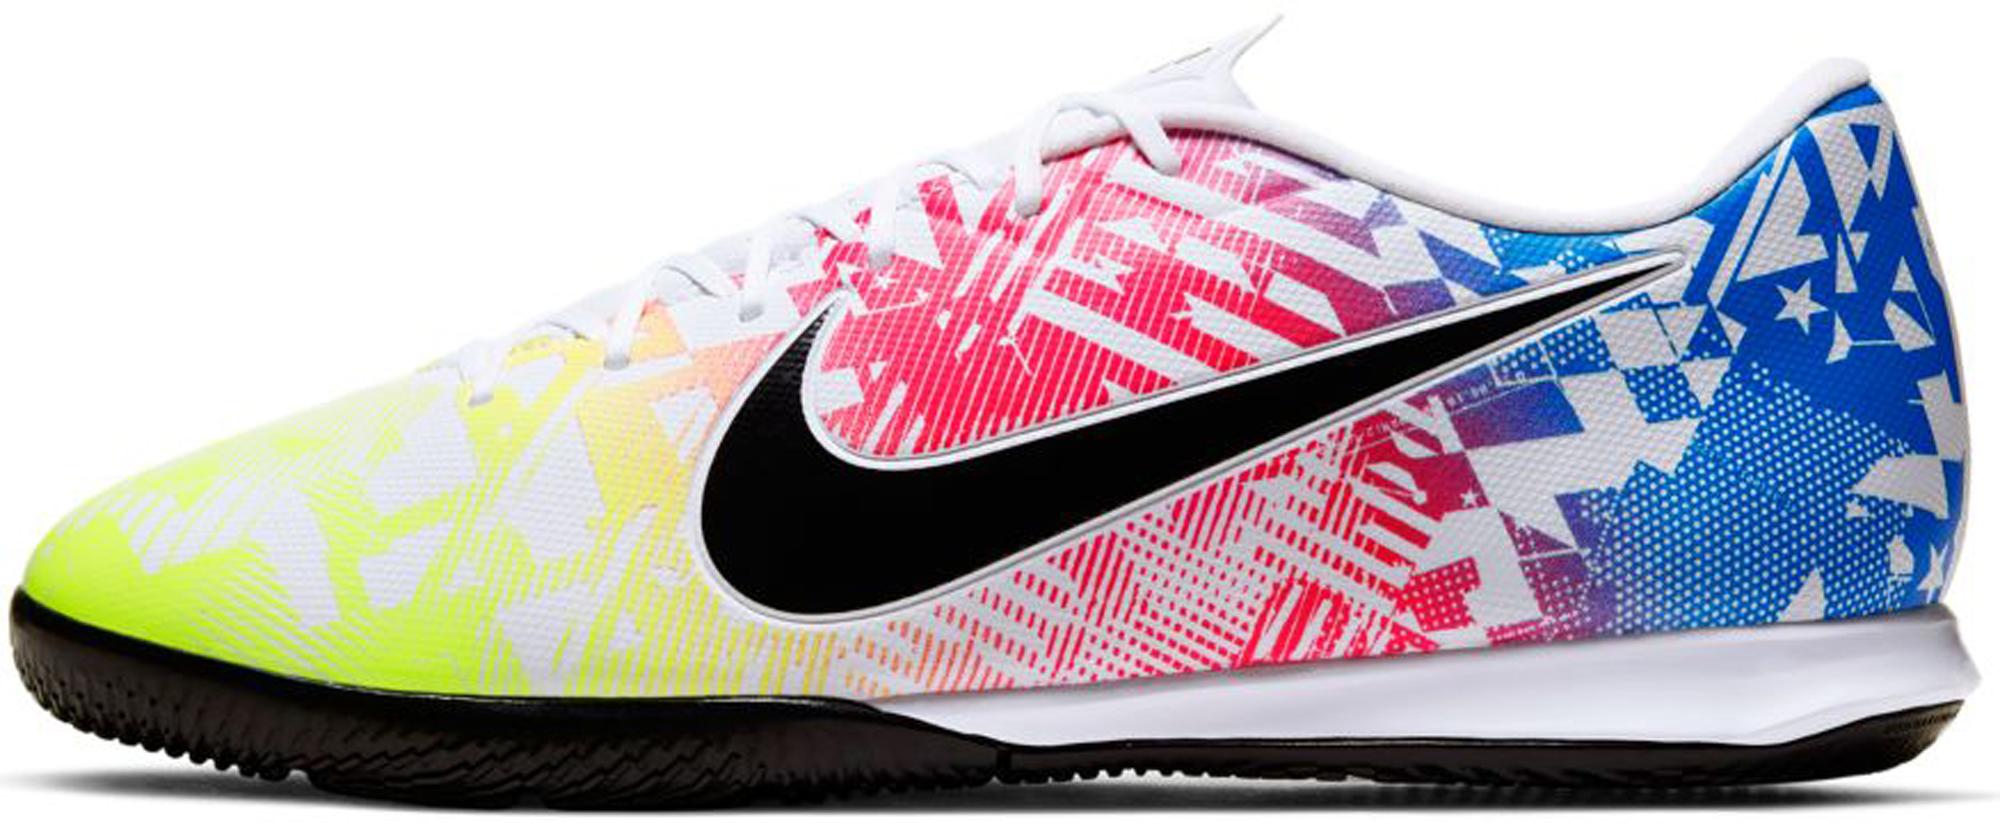 Nike Бутсы мужские Nike Vapor 13 Academy, размер 40 nike бутсы мужские nike vapor 13 academy ic размер 41